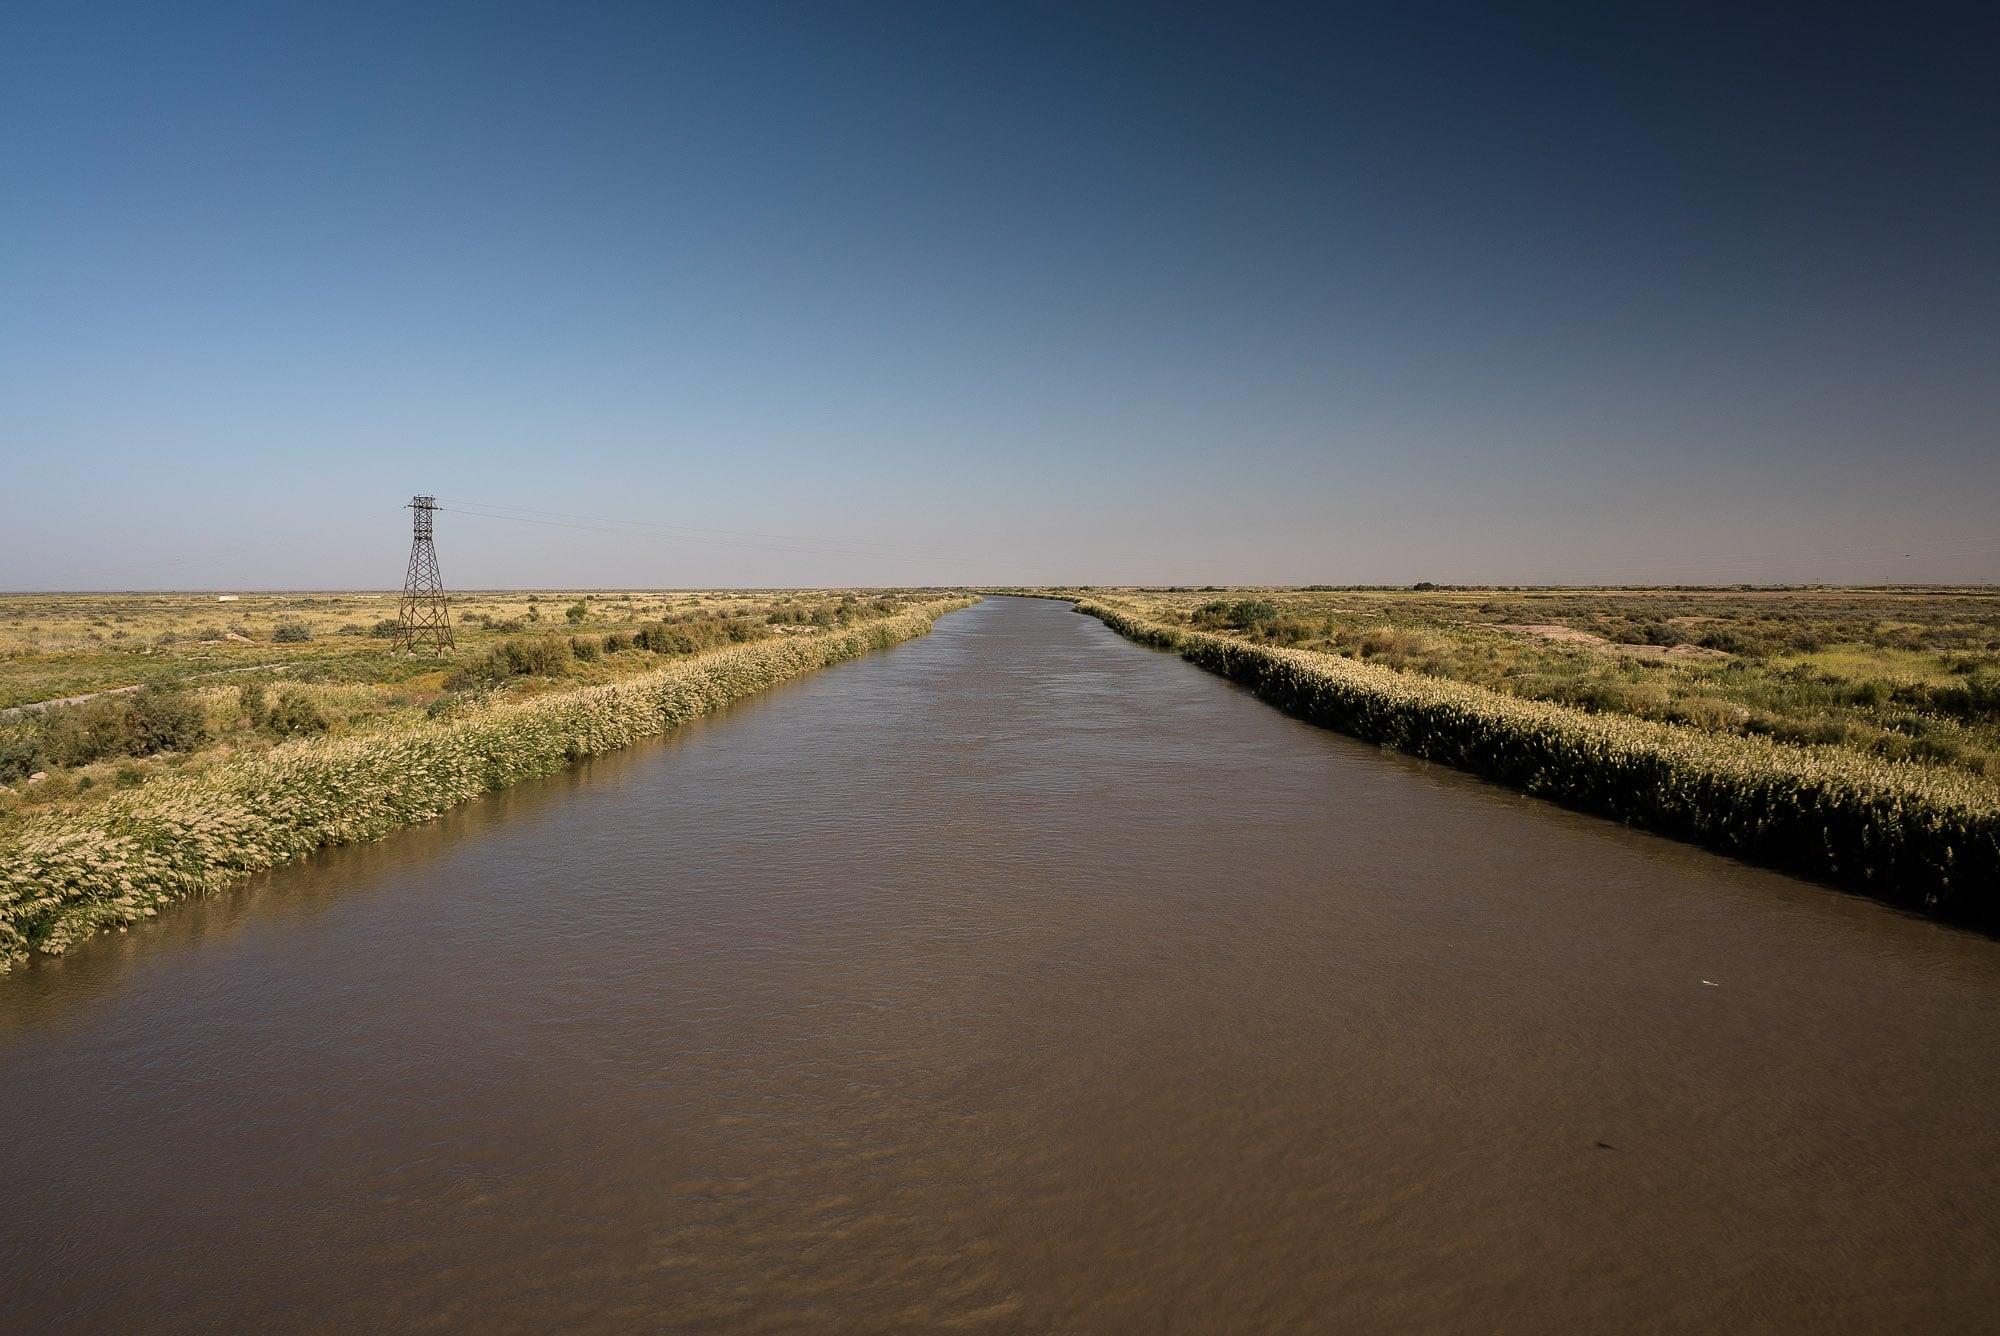 Garagum canal